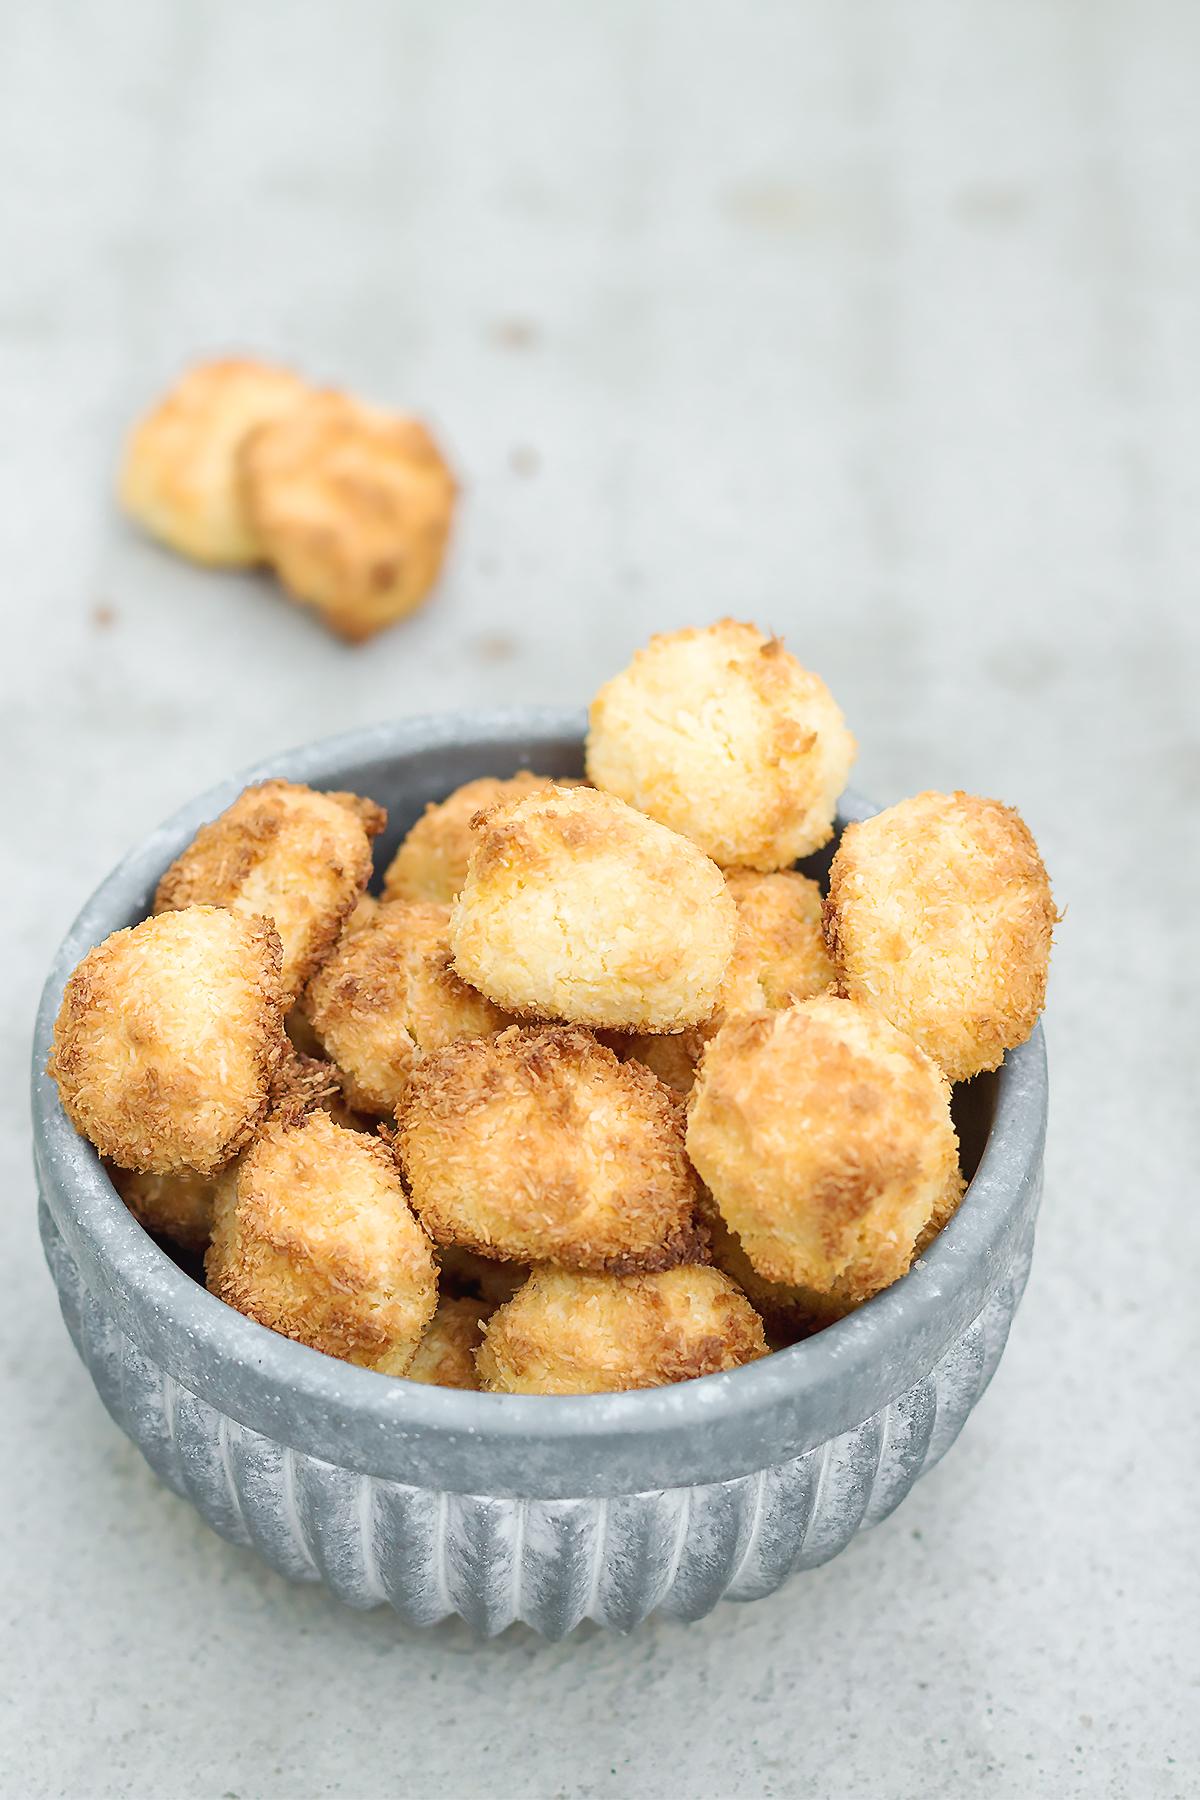 keto kokosanki mąka kokosowa dieta niskowęglowodanowa lchf dieta